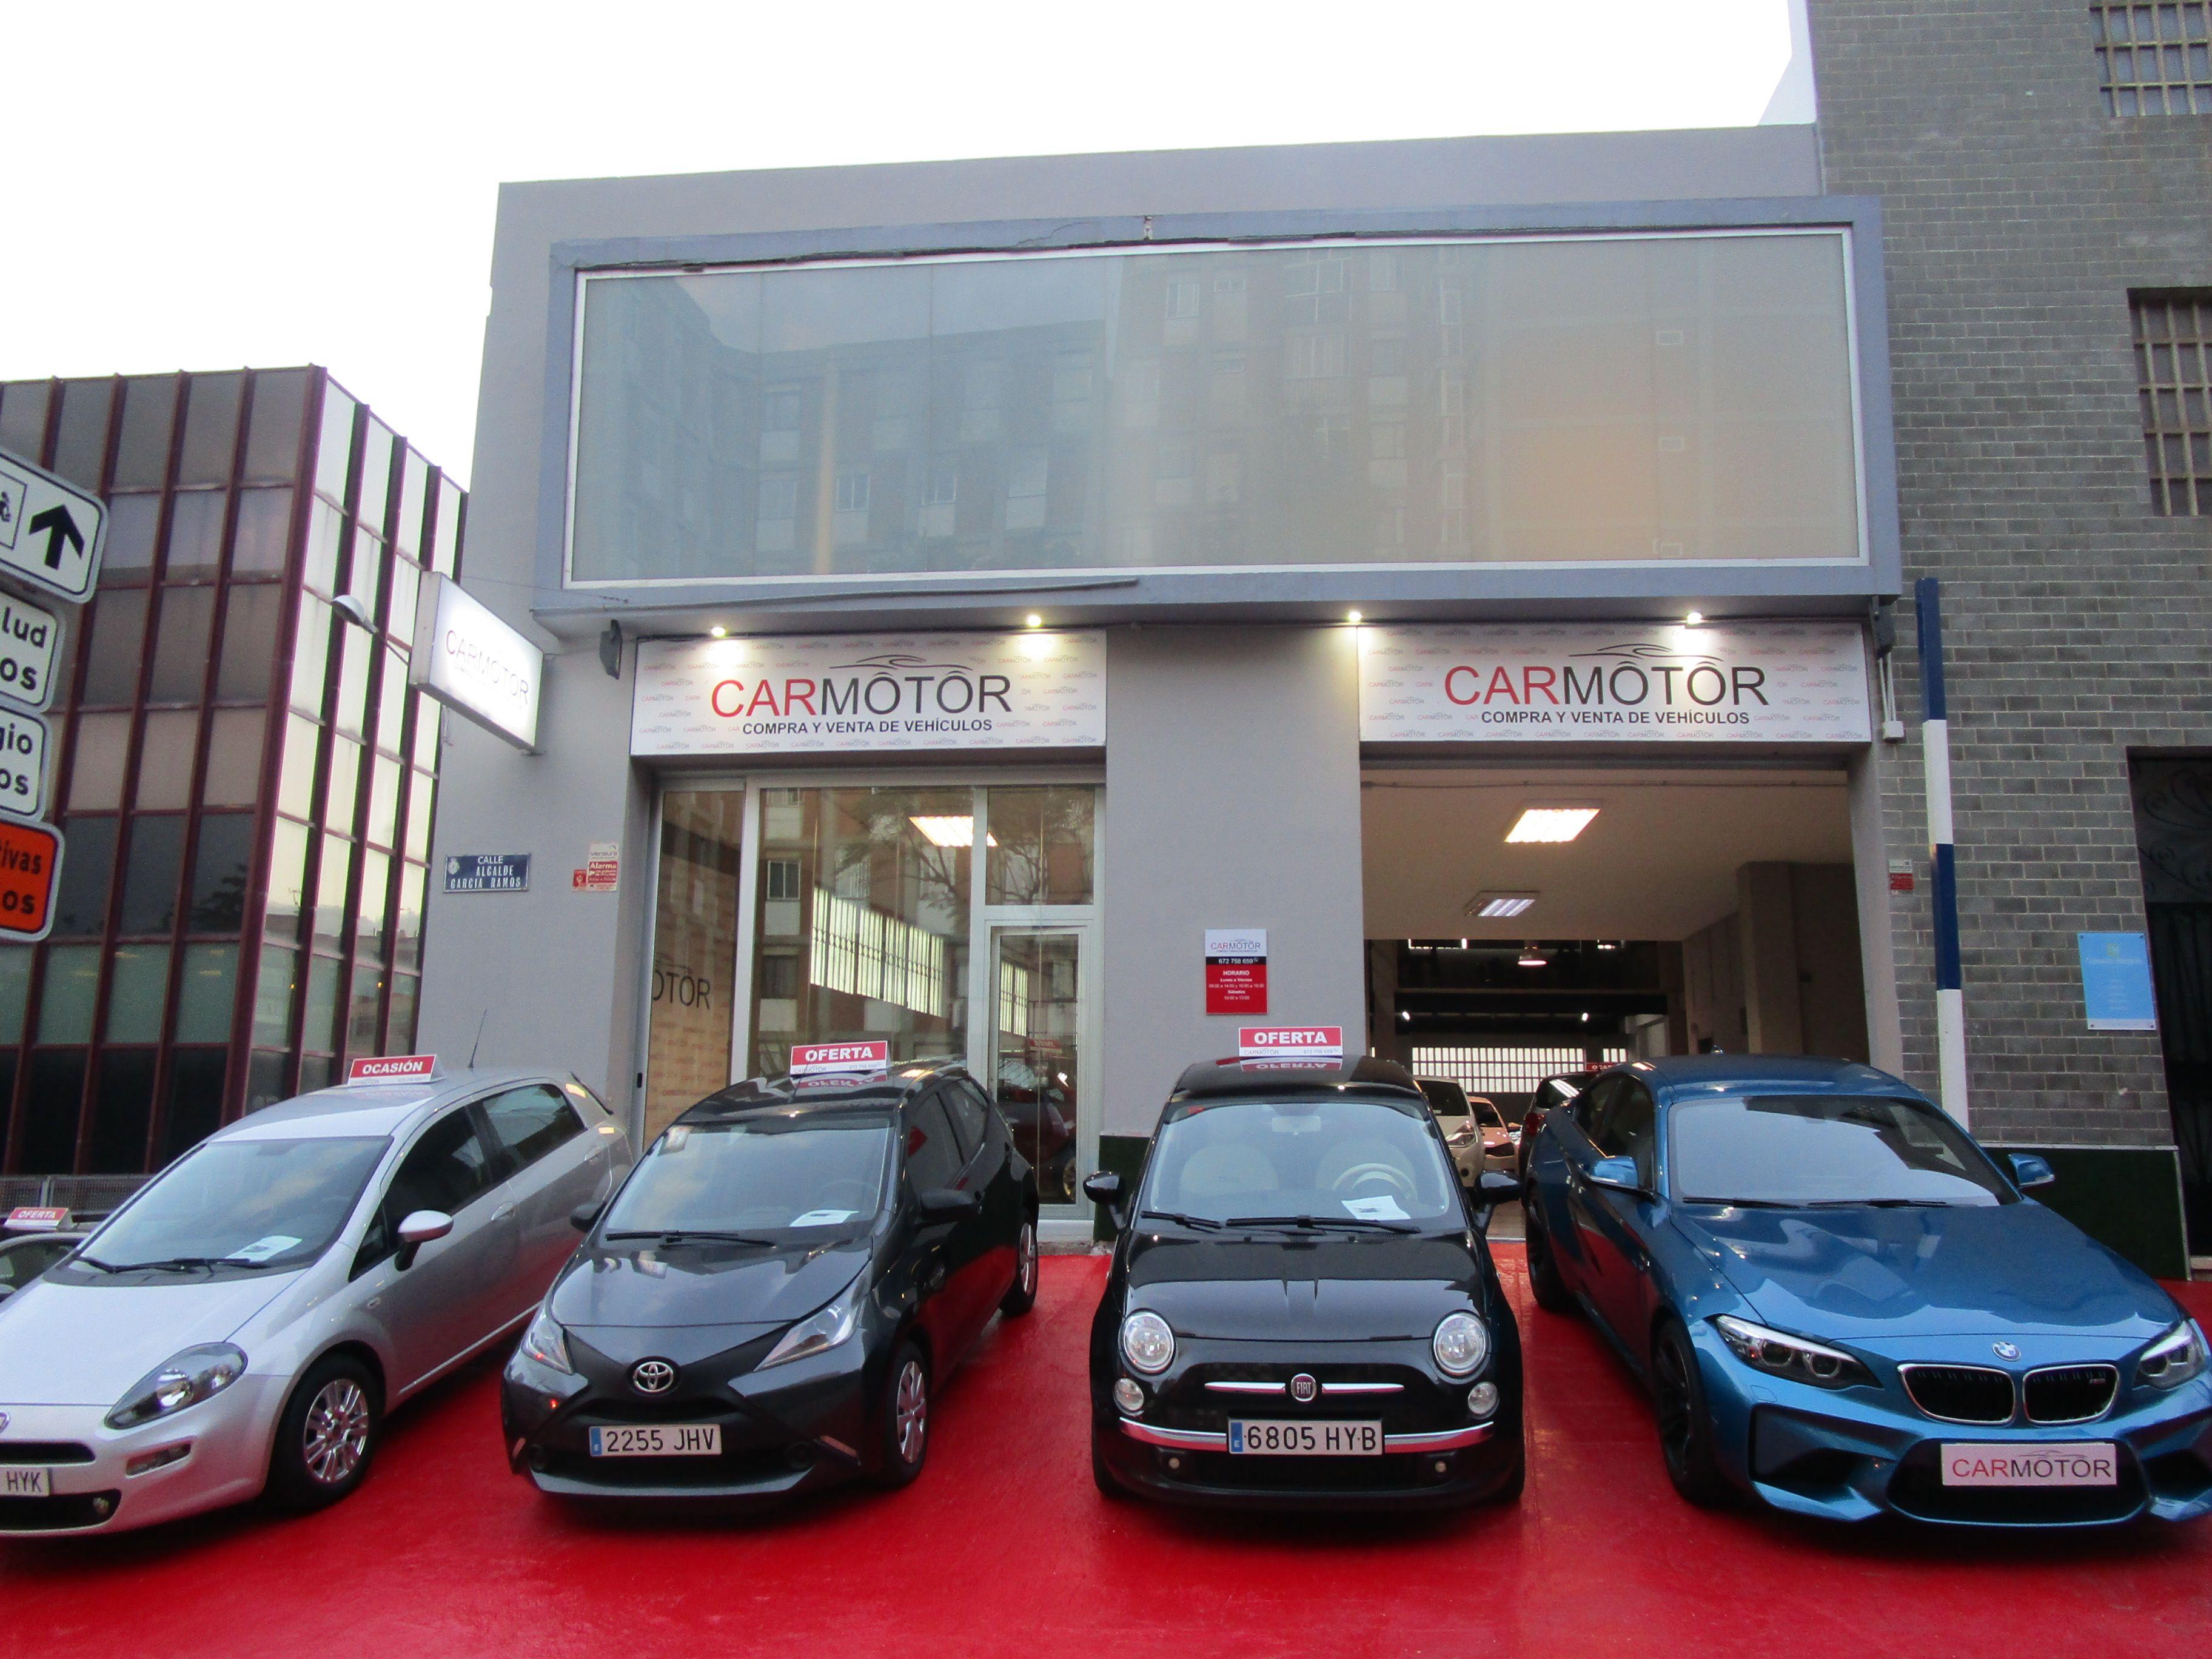 Automóviles estacionados en Carmotor a punto de ser revisados por personal